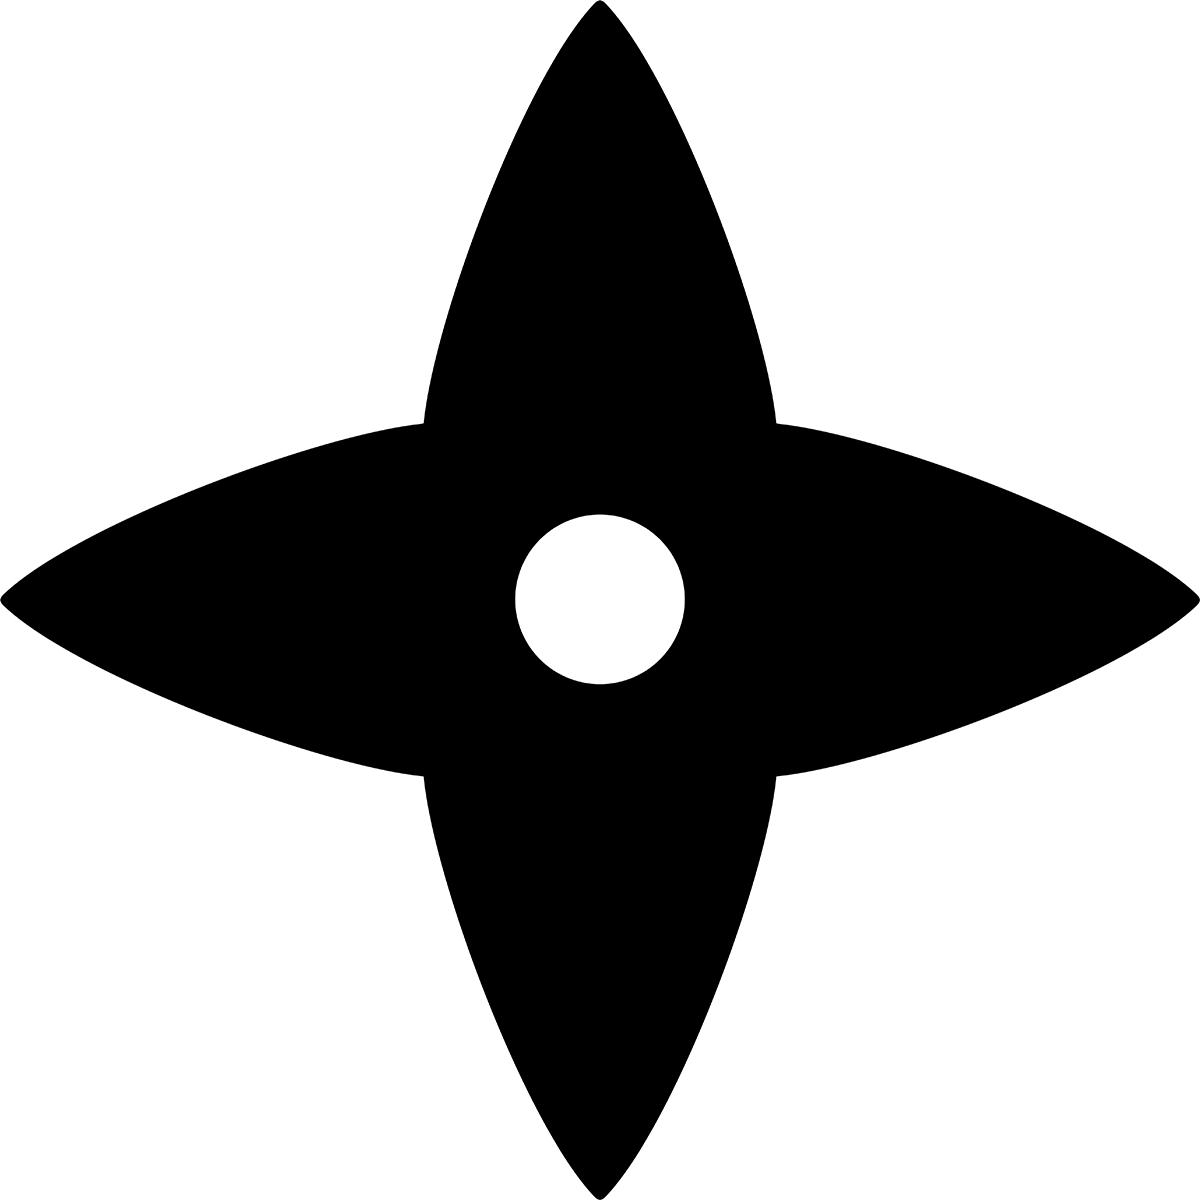 【アイコン】手裏剣の無料イラスト